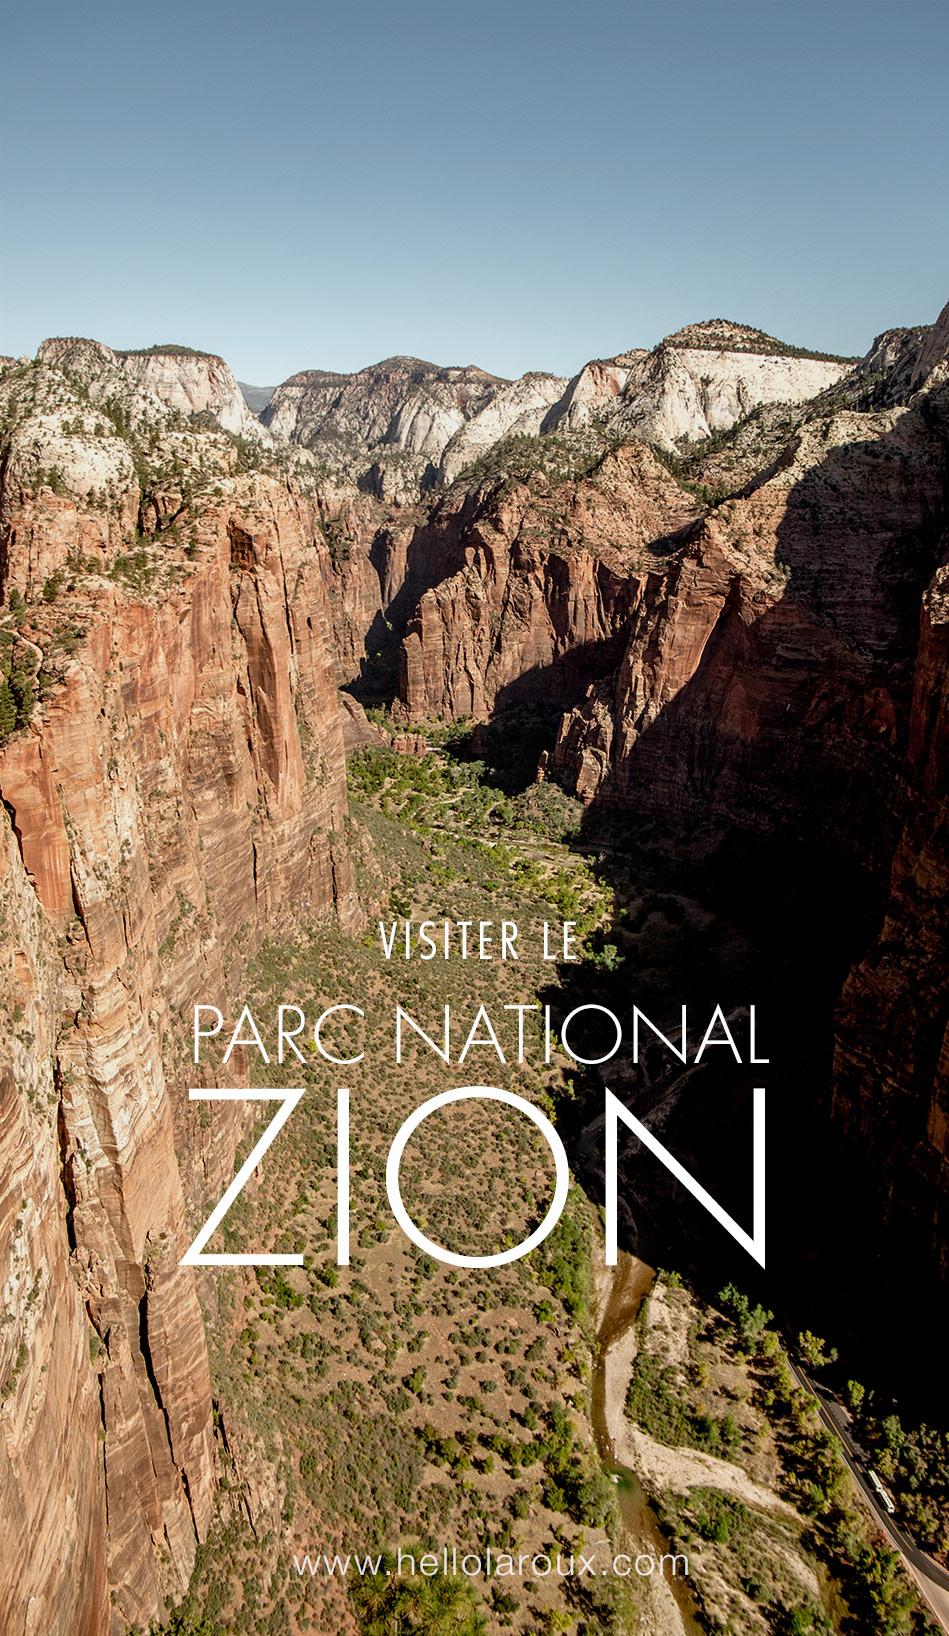 visiter le parc national de zion utah blog